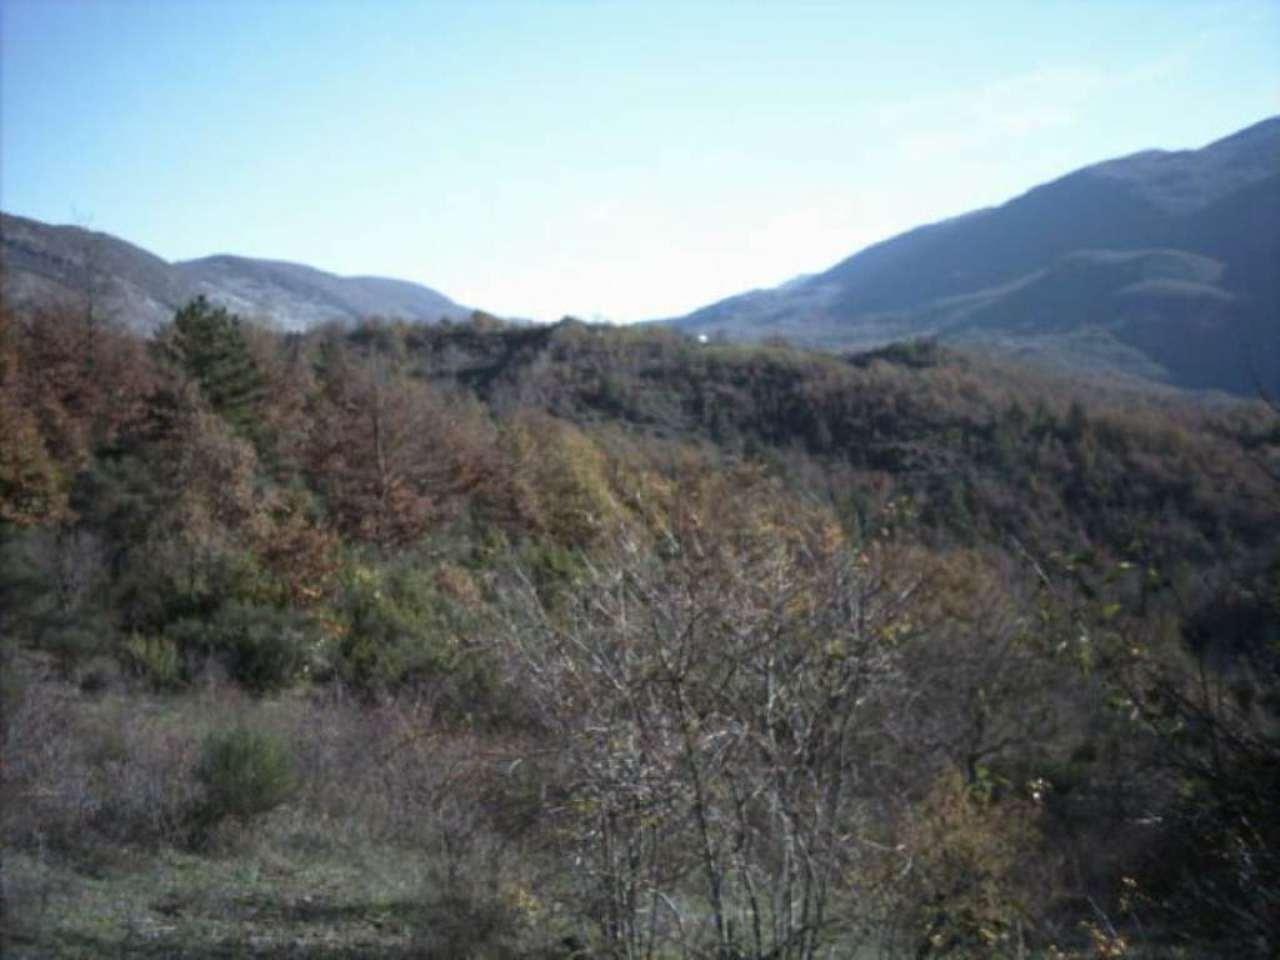 Terreno Agricolo in vendita a Carsoli, 9999 locali, prezzo € 480.000 | Cambio Casa.it